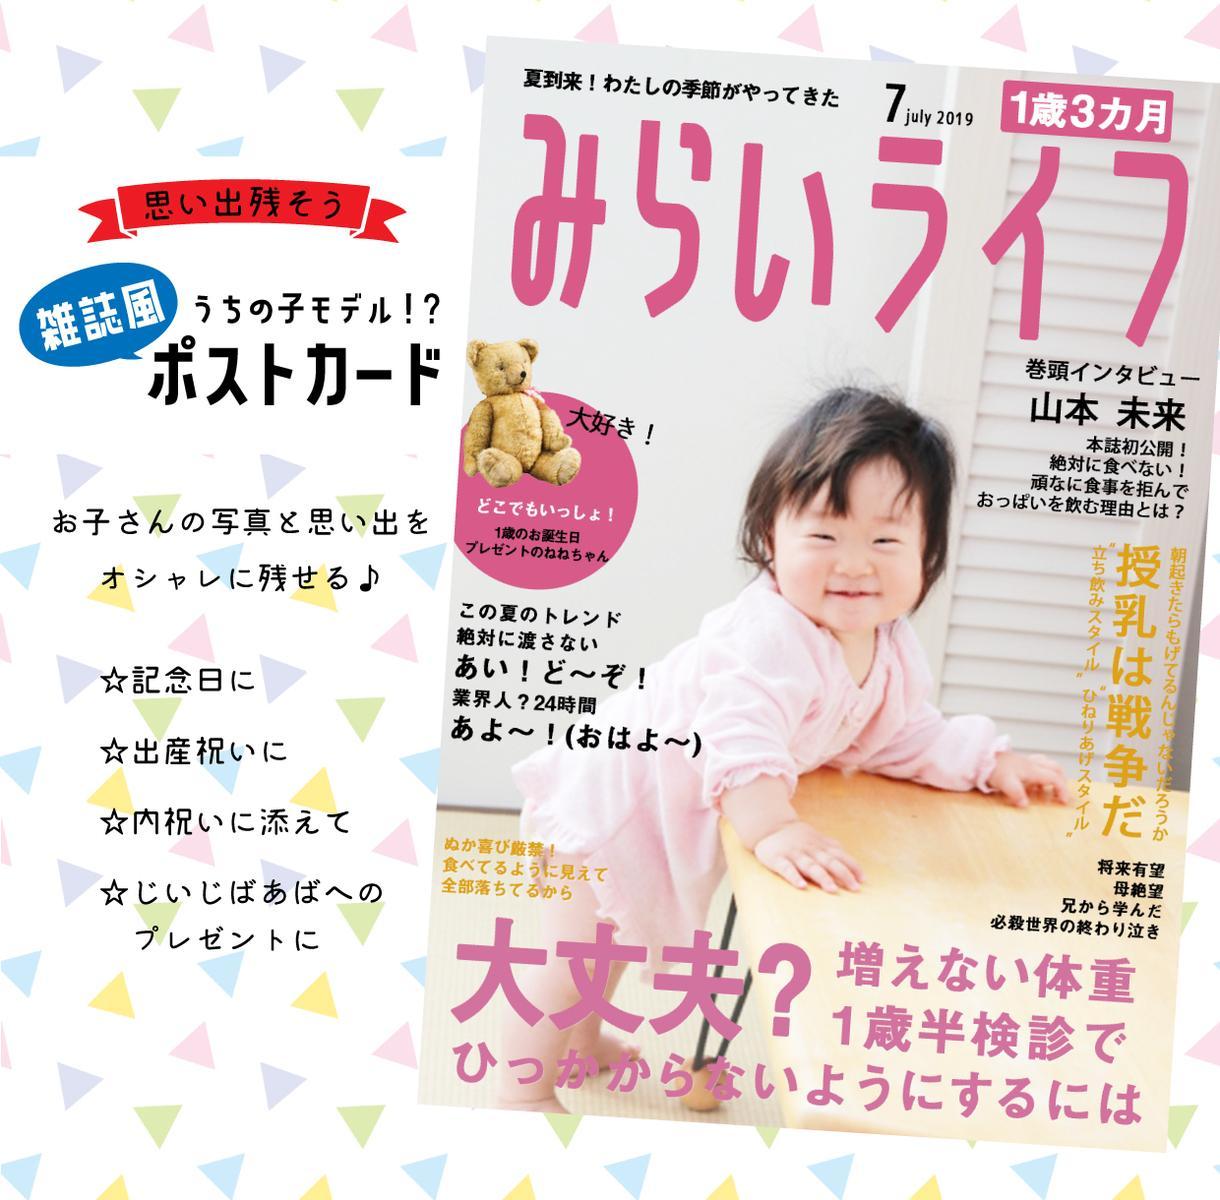 お子さんの写真を雑誌の表紙のように加工します 誕生日に☆プレゼントに☆我が子がモデルデビュー! イメージ1